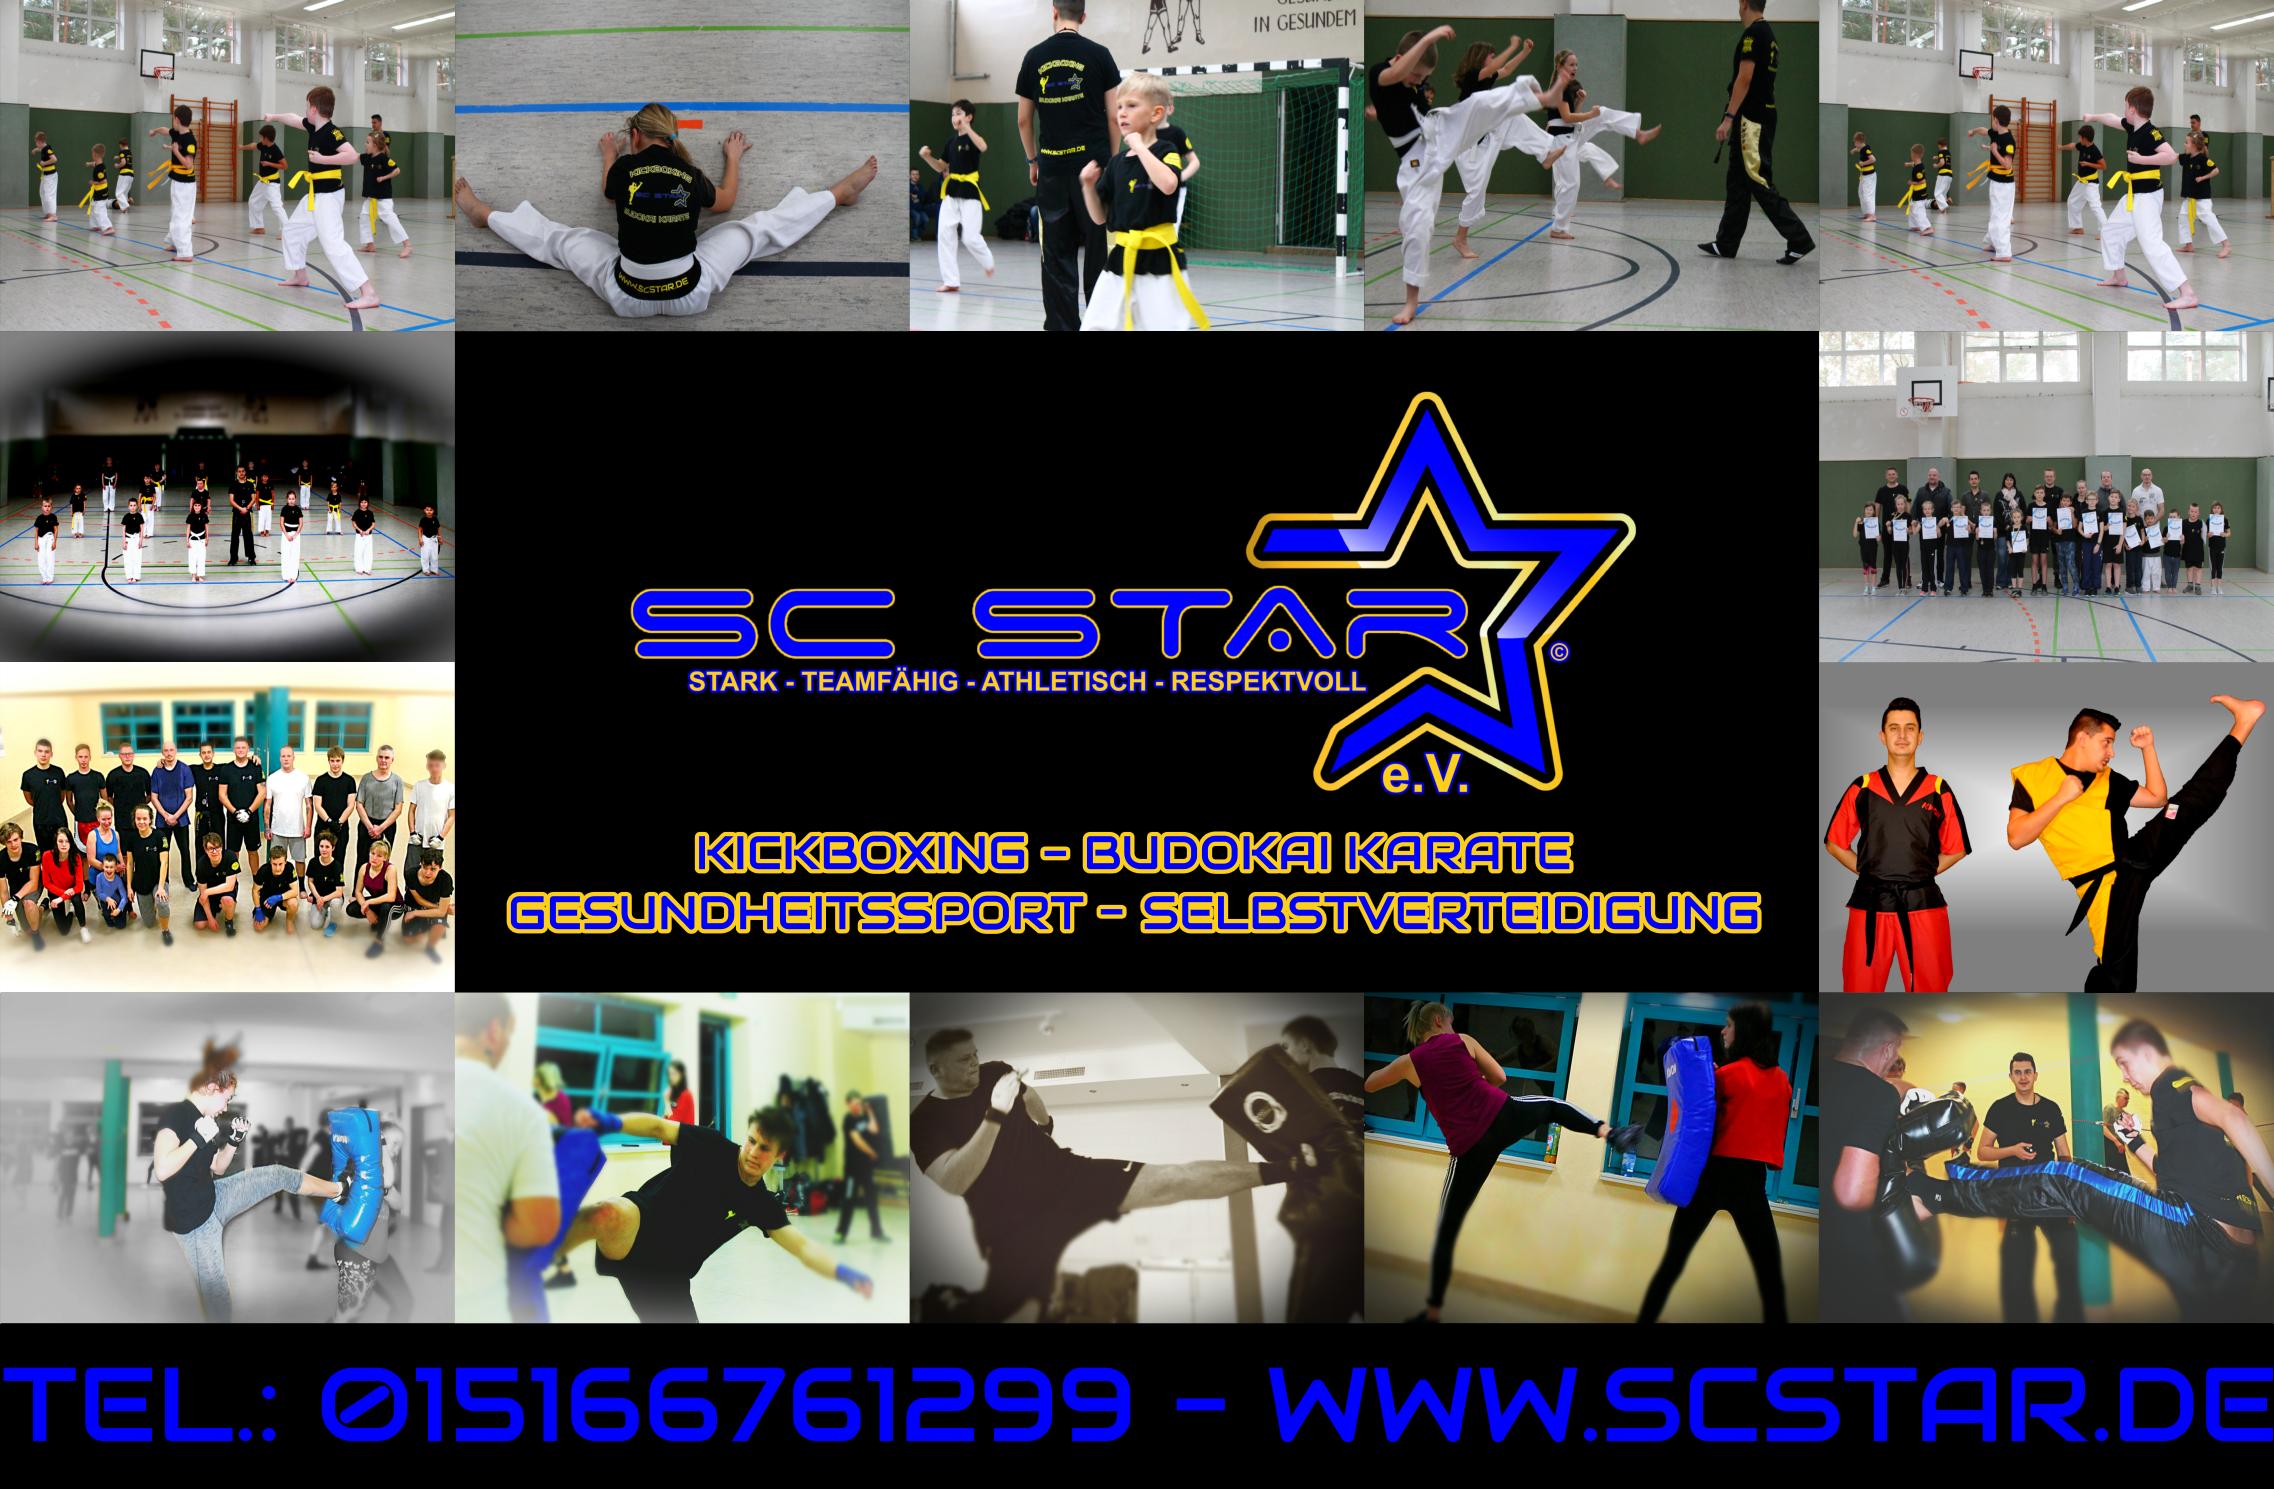 http://www.scstar.de/images/sc_star/SC-STAR-Banner---Planne-001-smaller.png